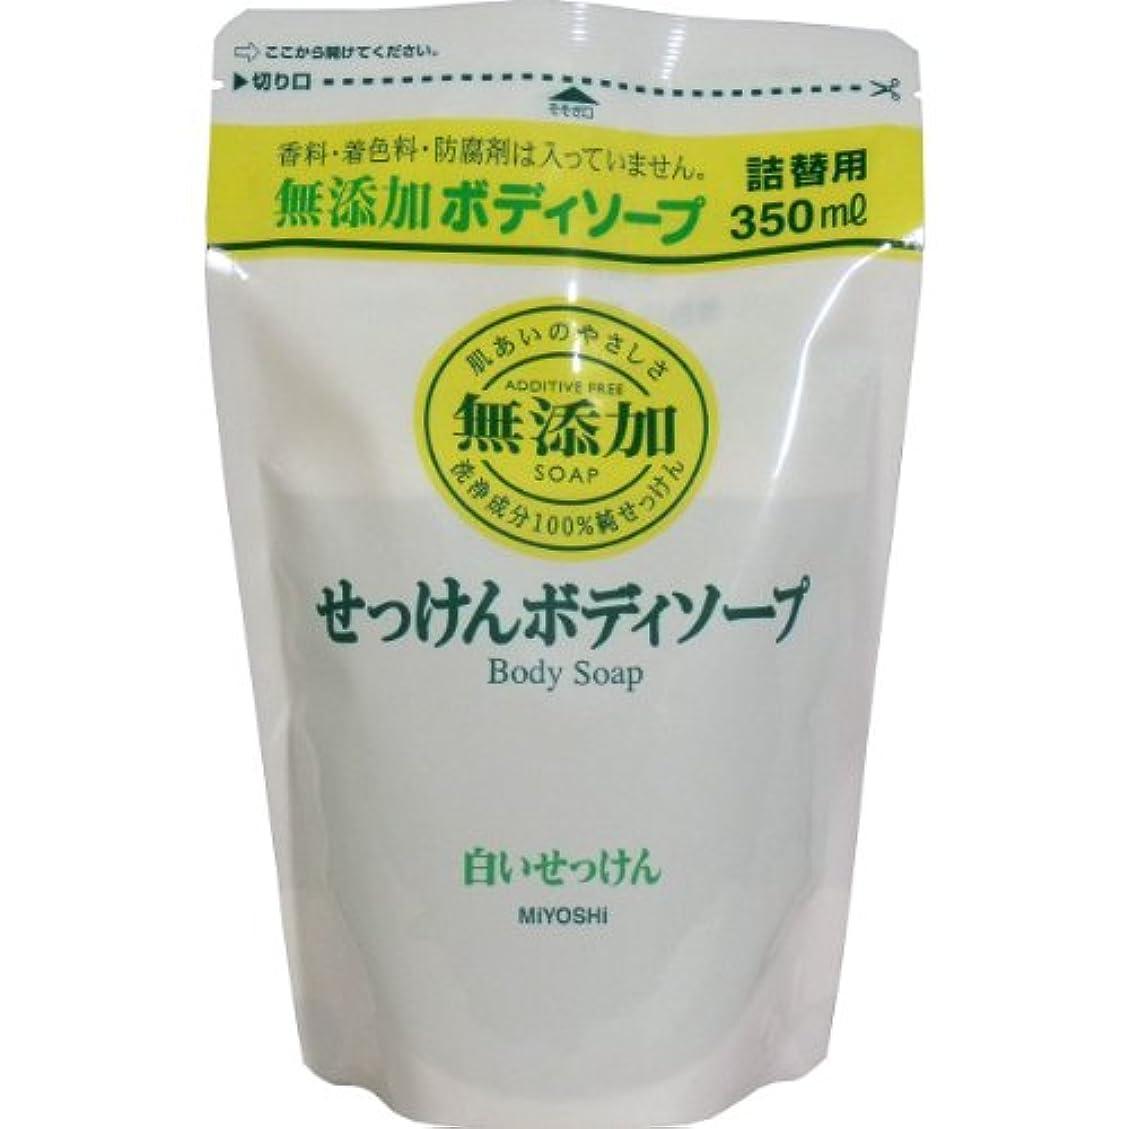 なに振動させる用心する無添加 ボディソープ 白い石けん つめかえ用 350ml(無添加石鹸) 7セット